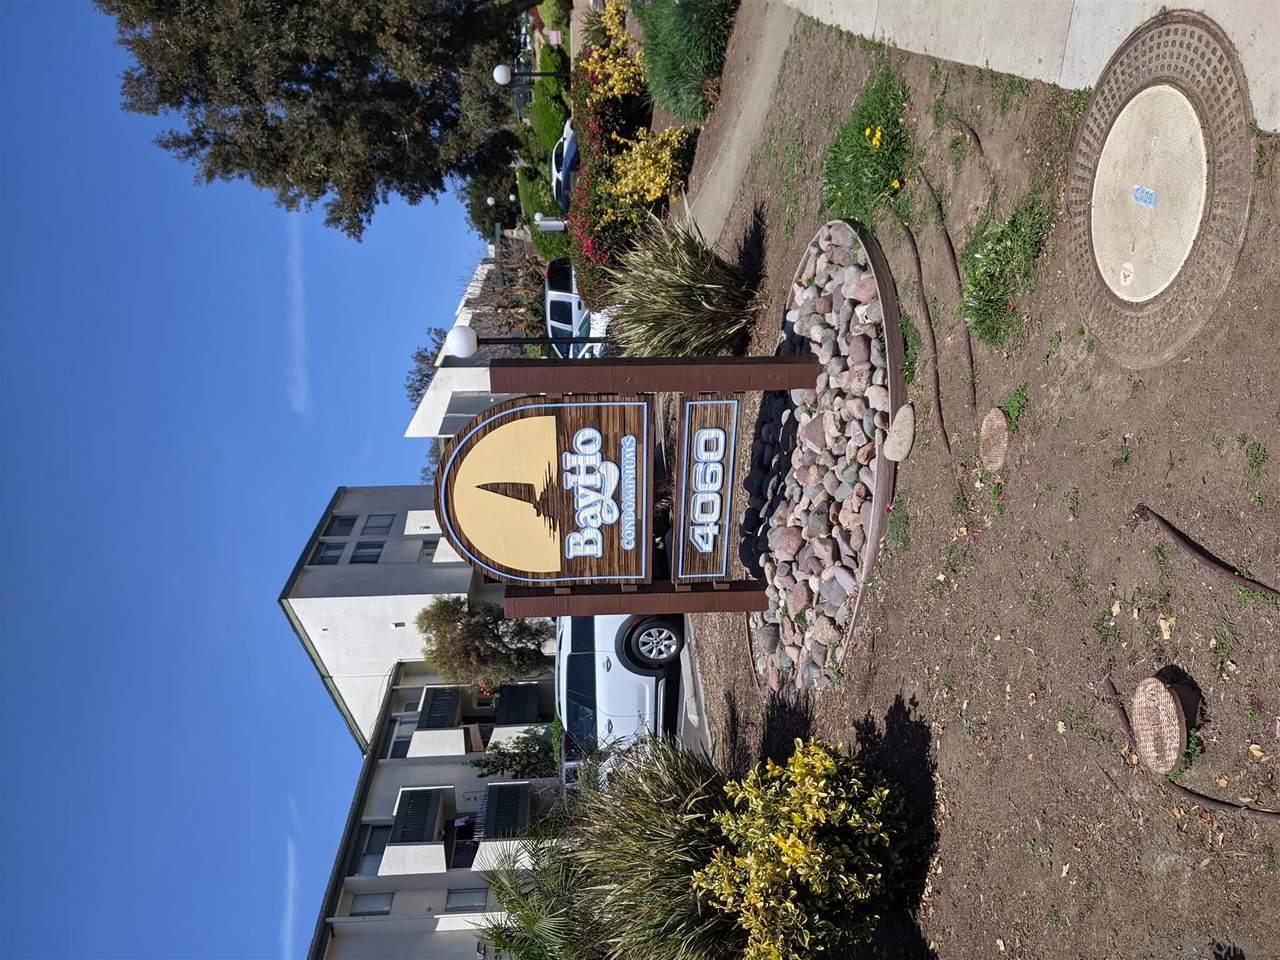 4060 Huerfano Ave - Photo 1